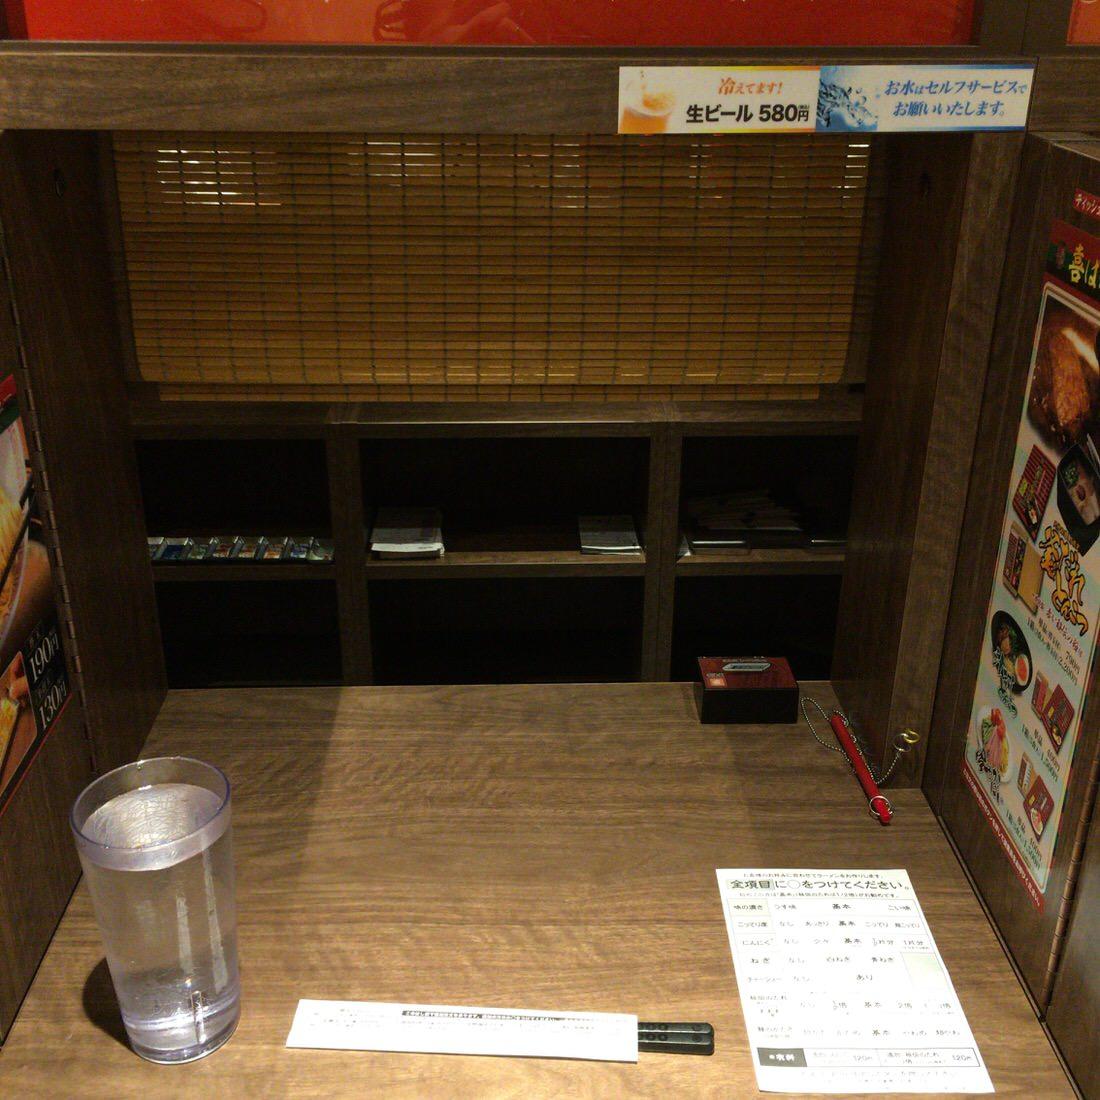 一蘭-味集中カウンター